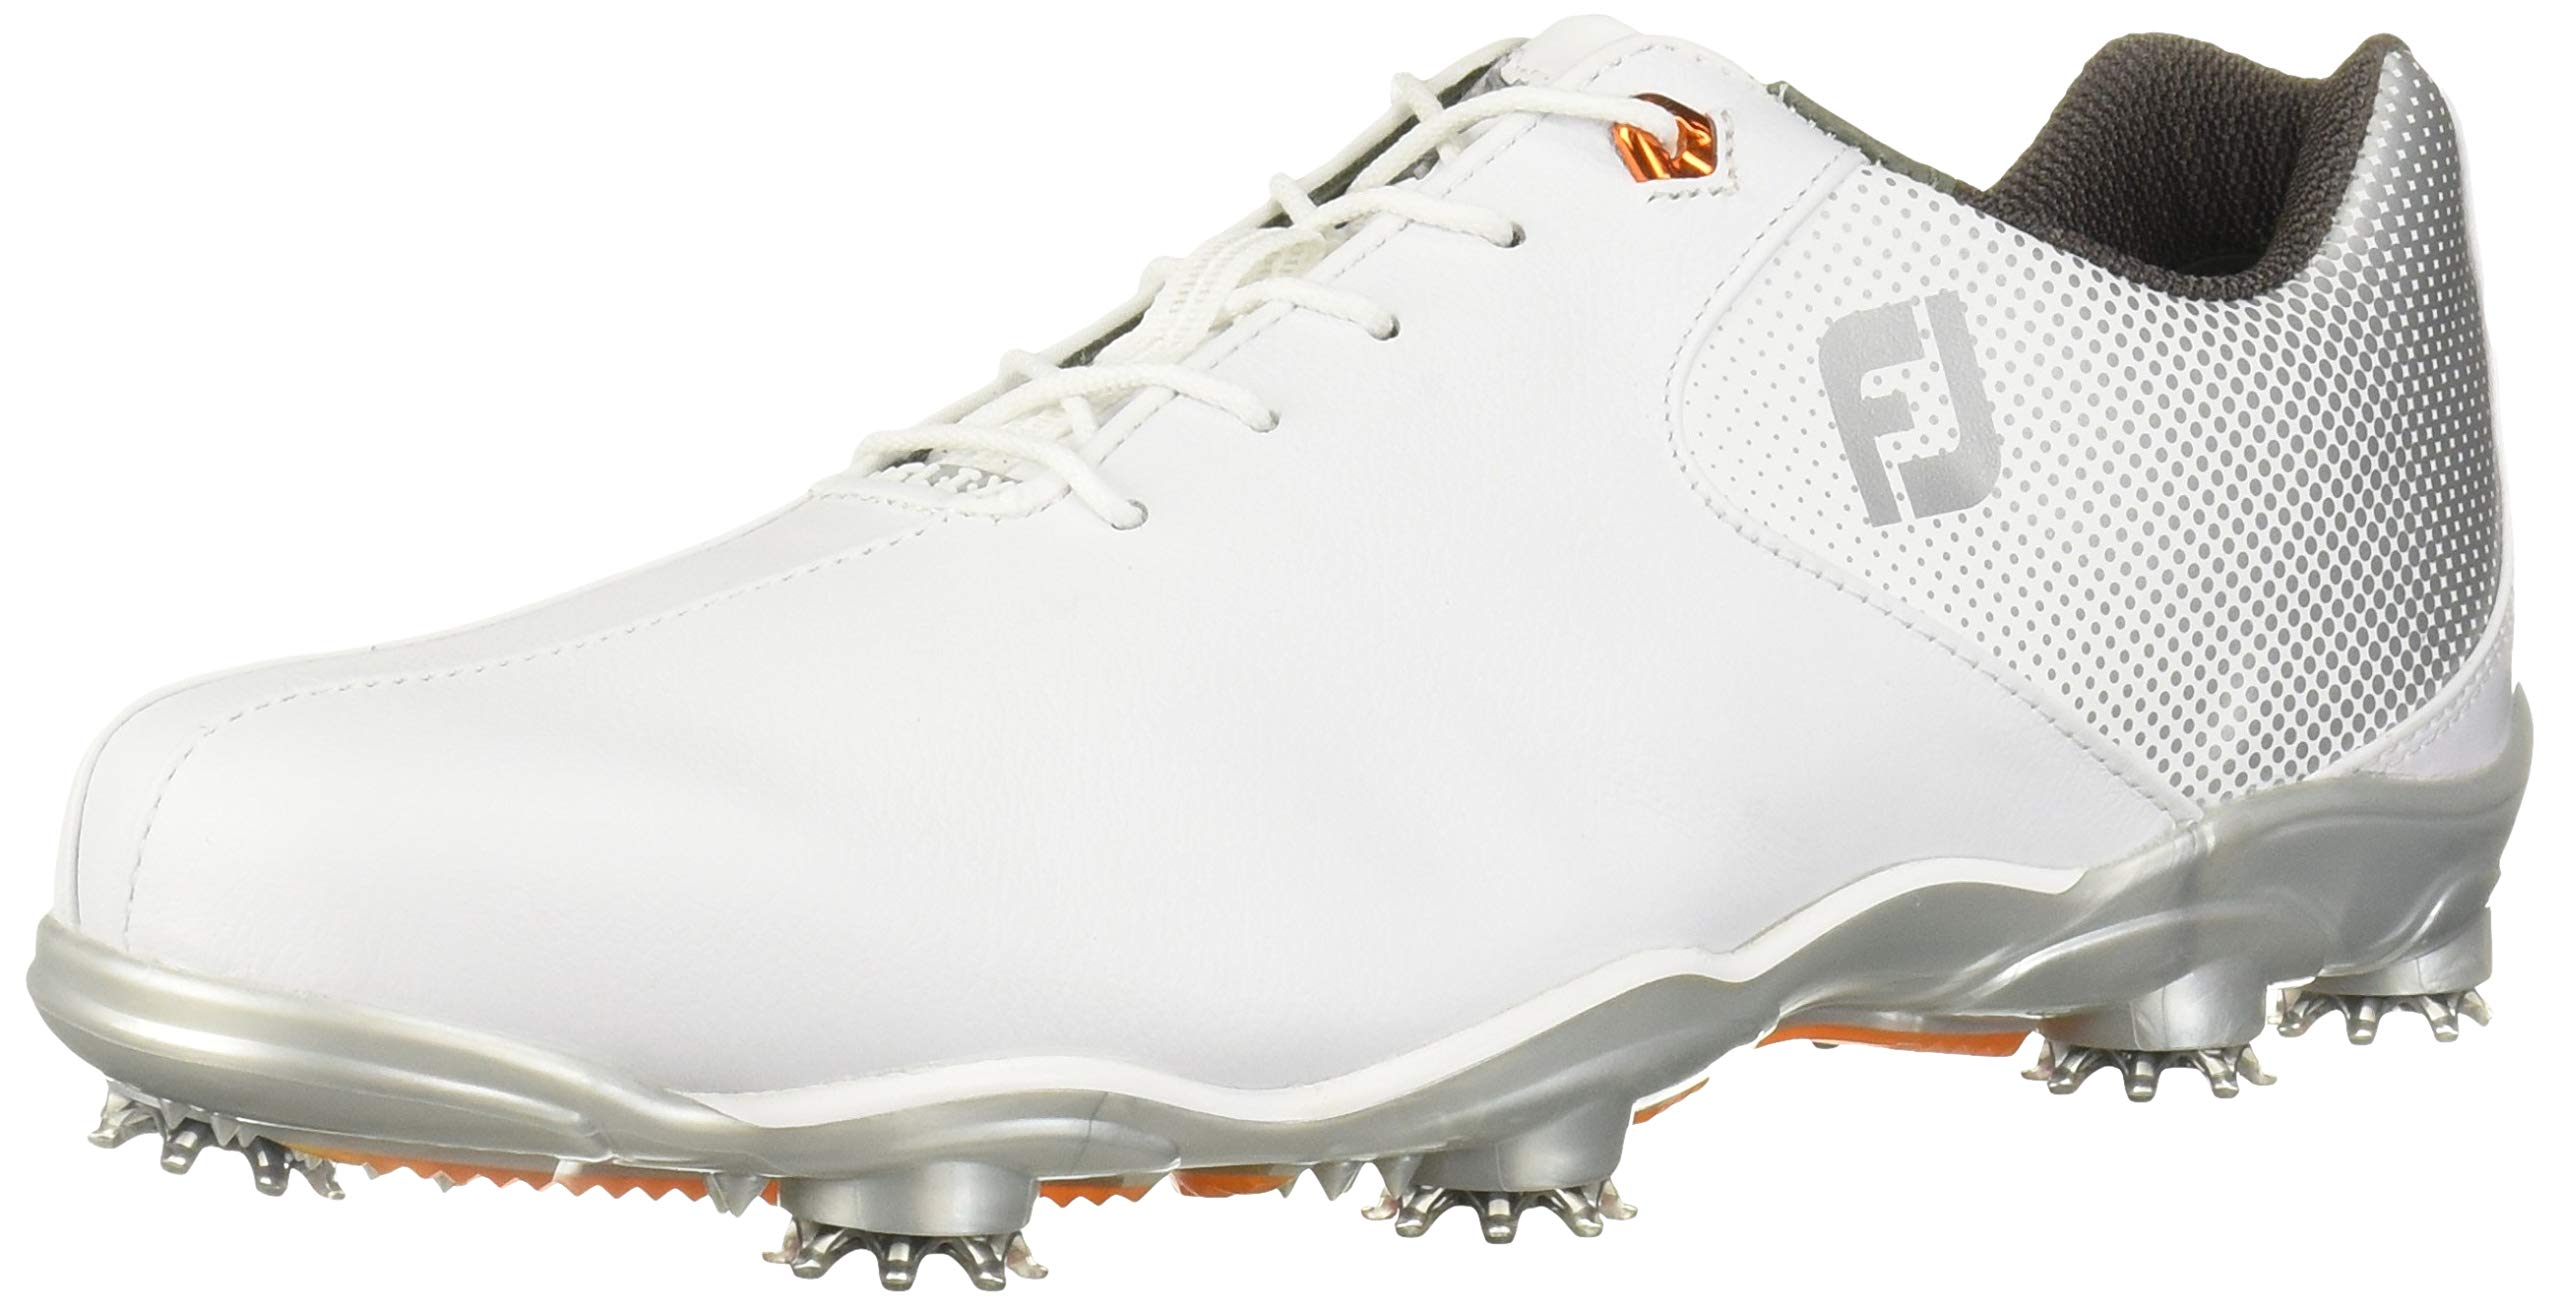 FootJoy Men's D.N.A. Helix-Previous Season Style Golf Shoes White 9.5 M Silver, US by FootJoy